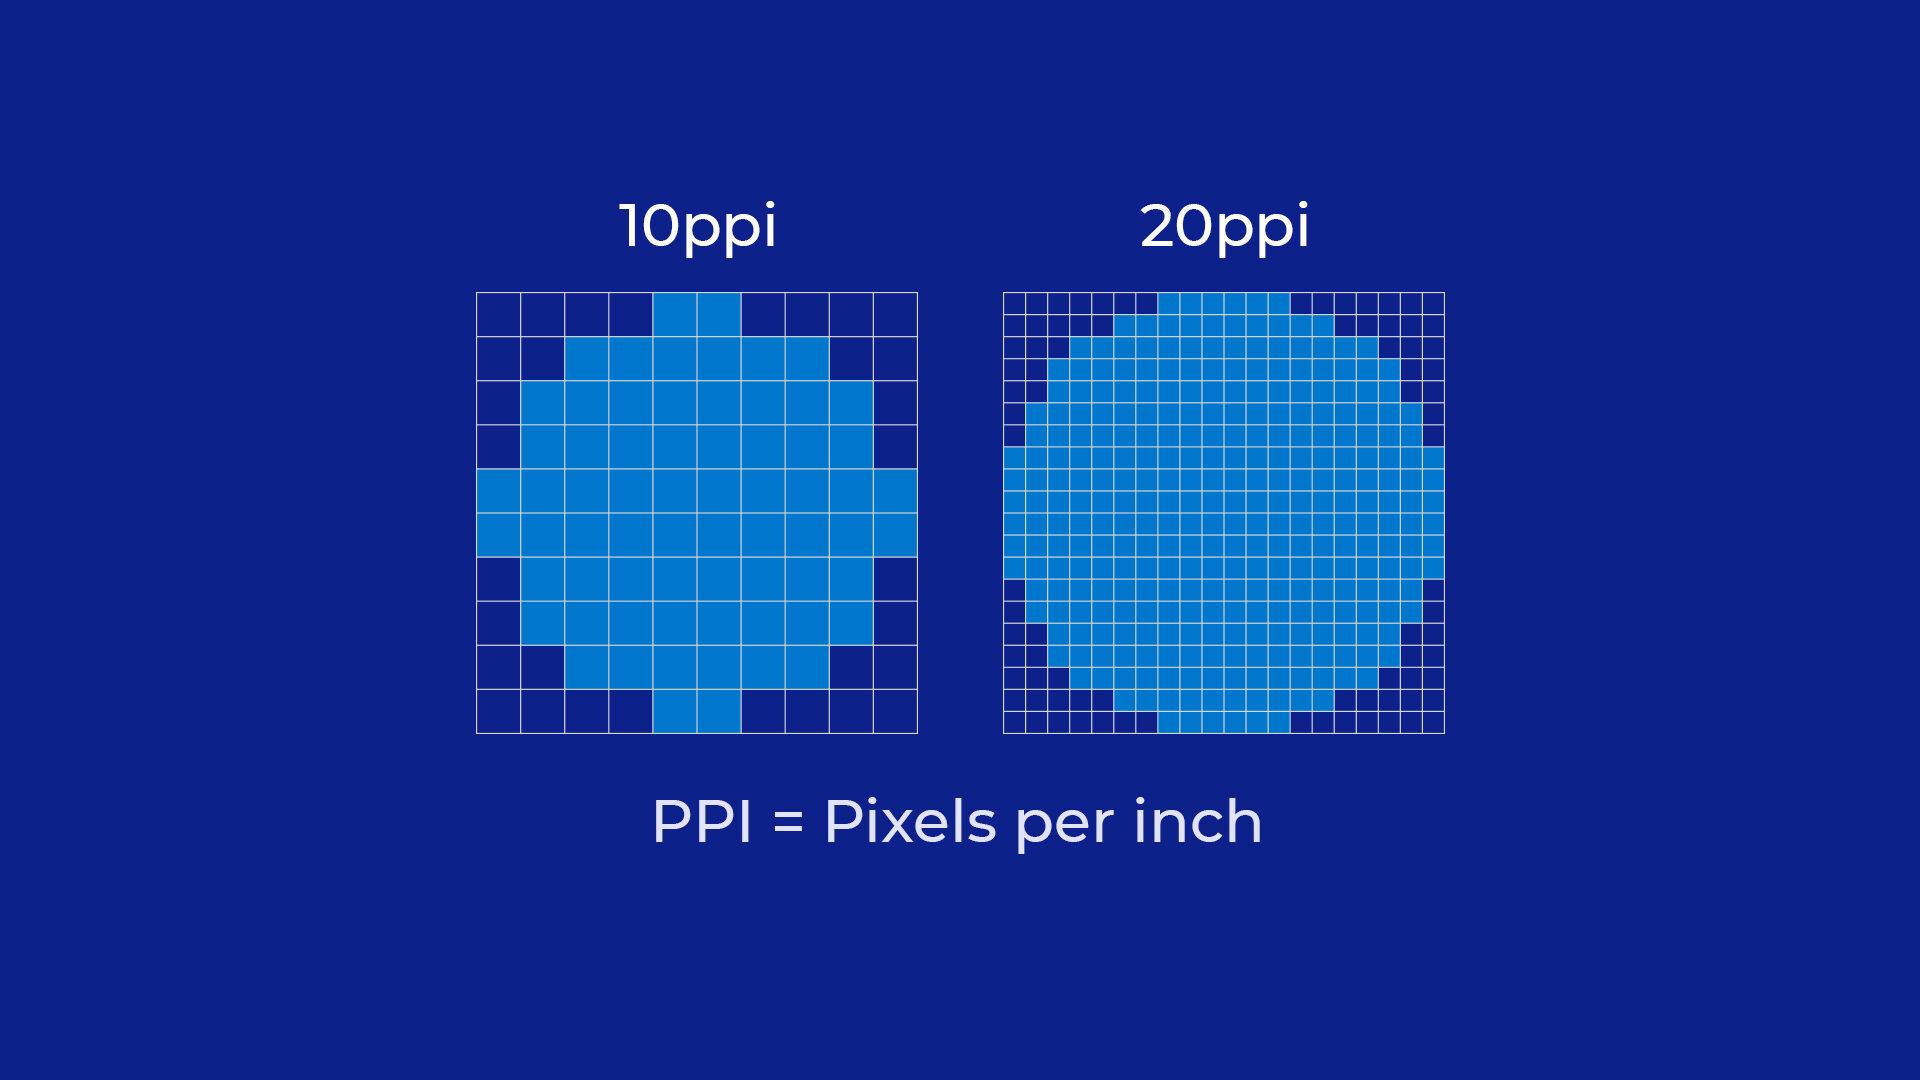 포토샵 기초강좌 PPI는 Pixels per inch